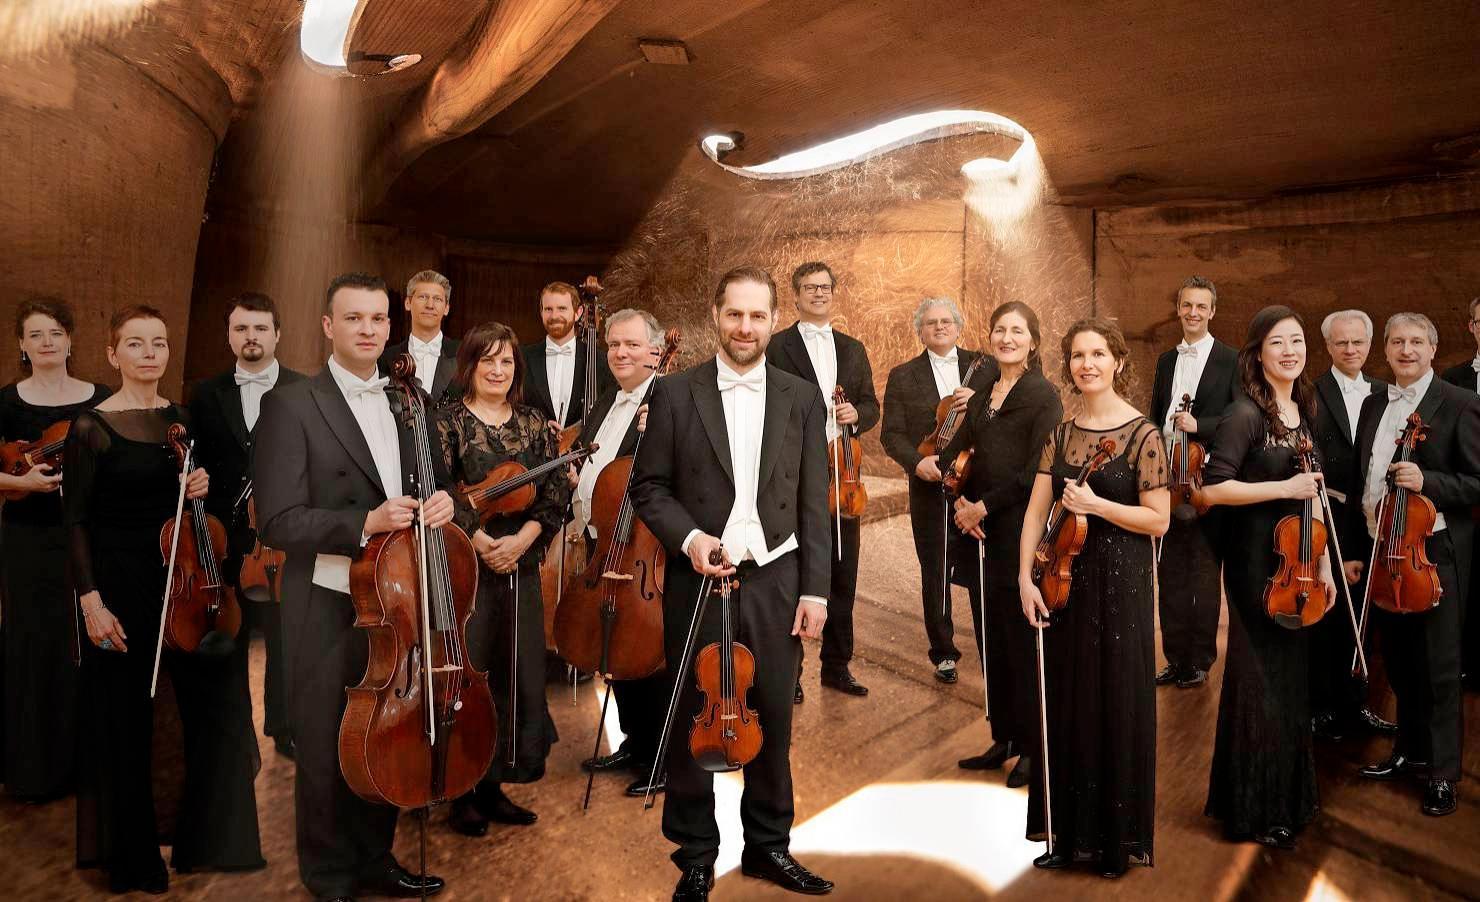 Mit einem besonders festlichen Konzert stimmt das Württembergische Kammerorchester am Samstag, 21. Dezember, in der Güglinger Herzogskelter auf die Weihnachtstage ein. Fotos: privat